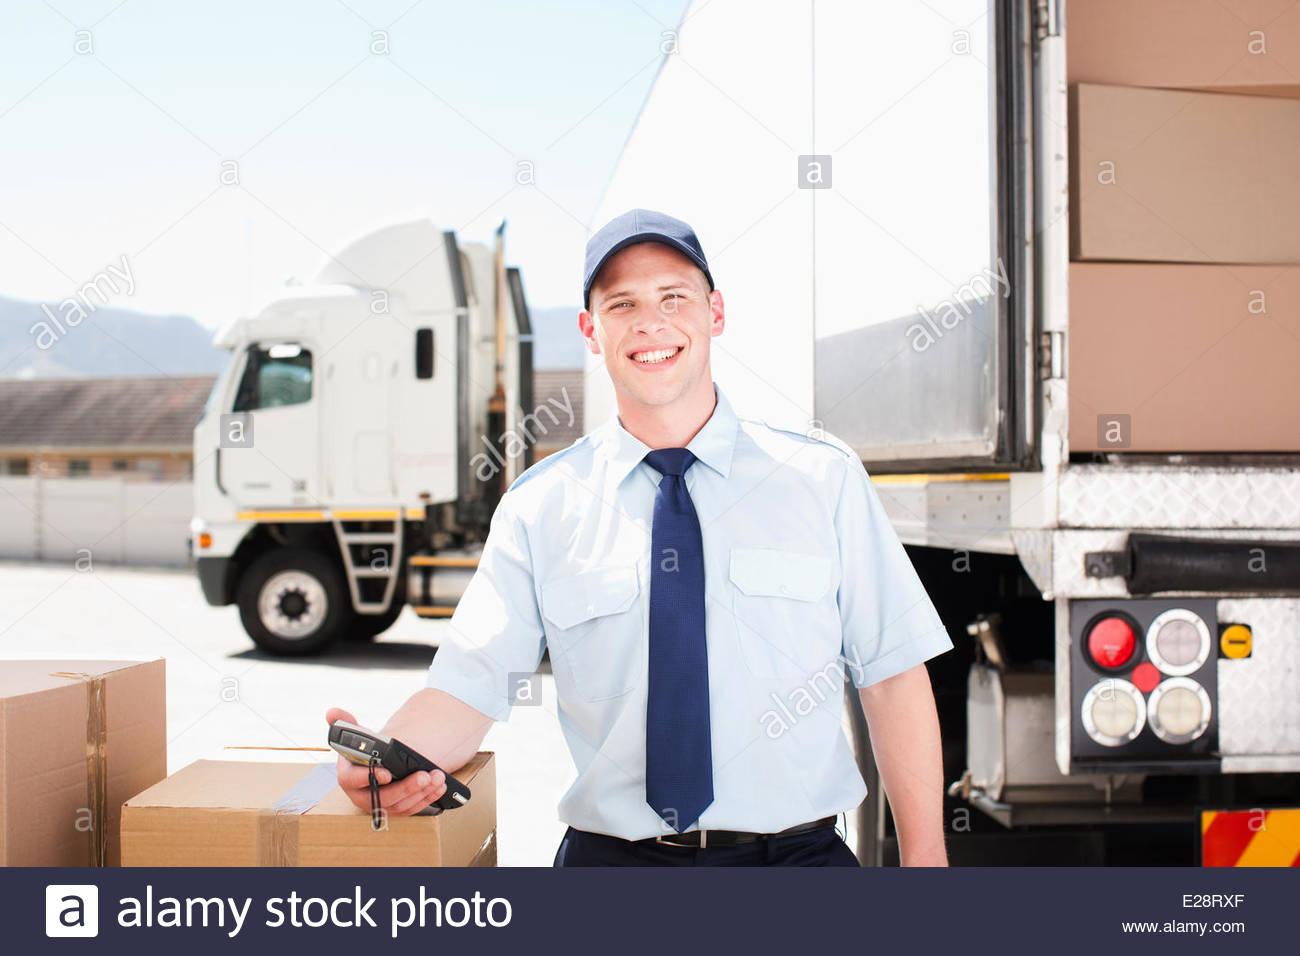 Worker avec des cases près de semi-truck Photo Stock